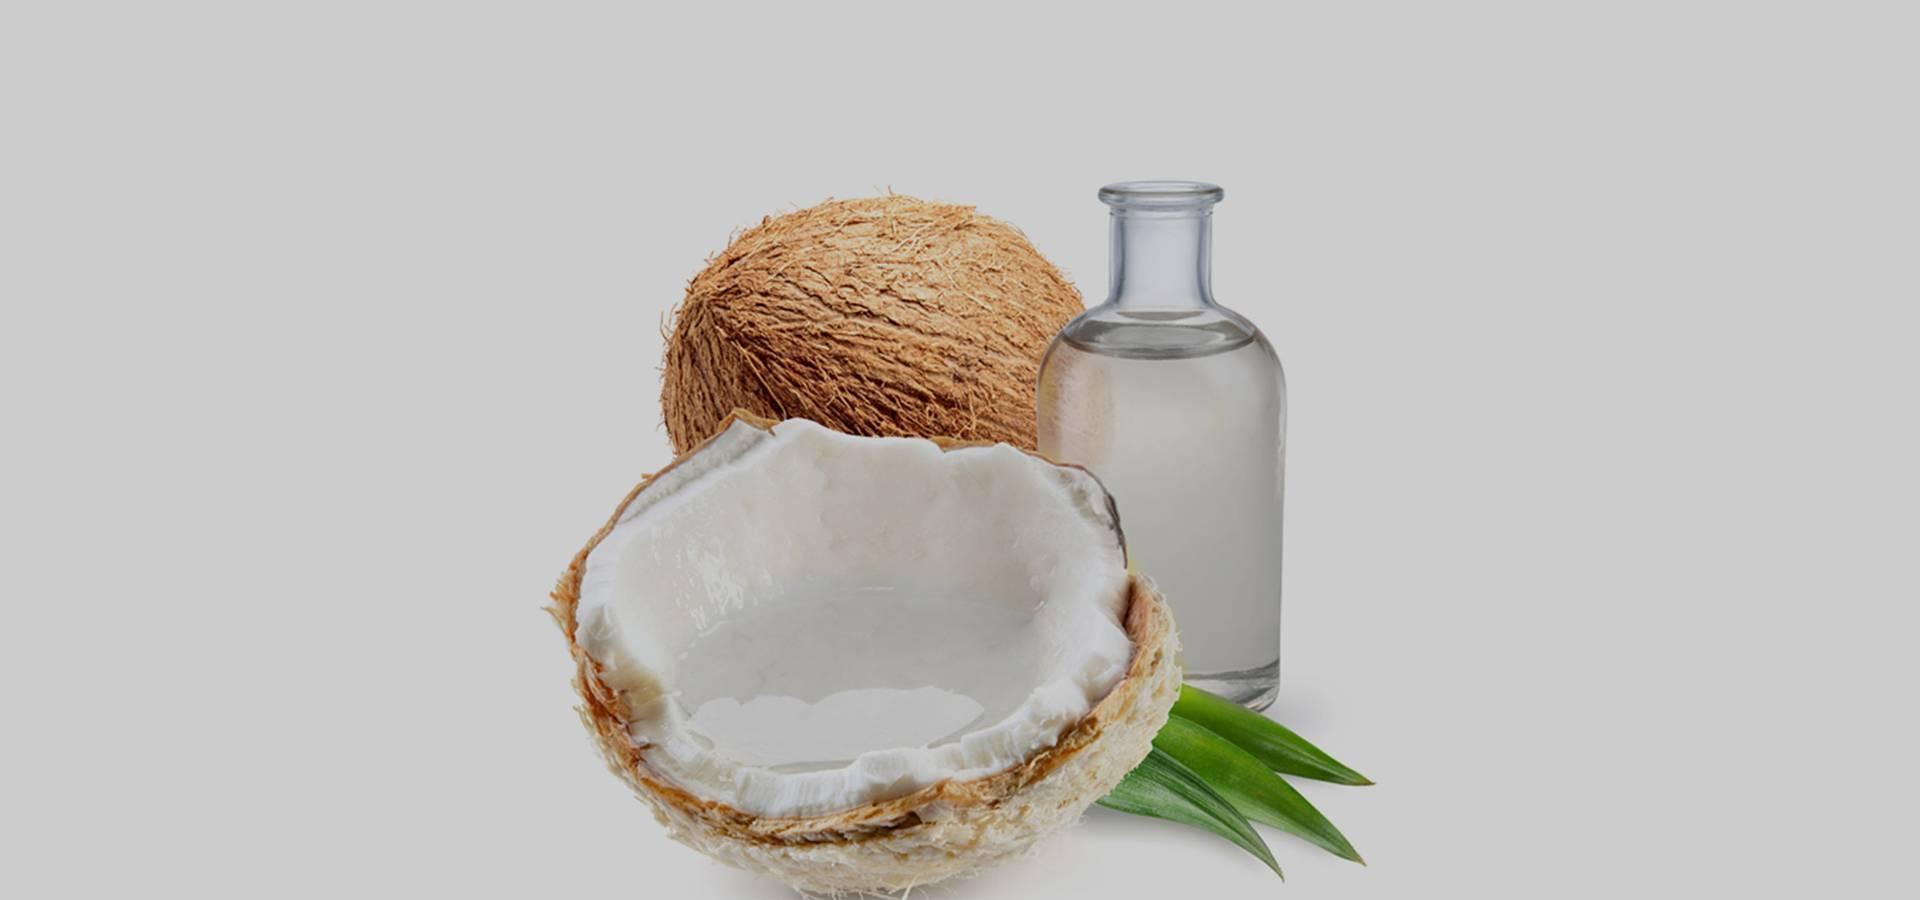 Кокосовое масло от растяжек при беременности и после родов: как применять, эффективность